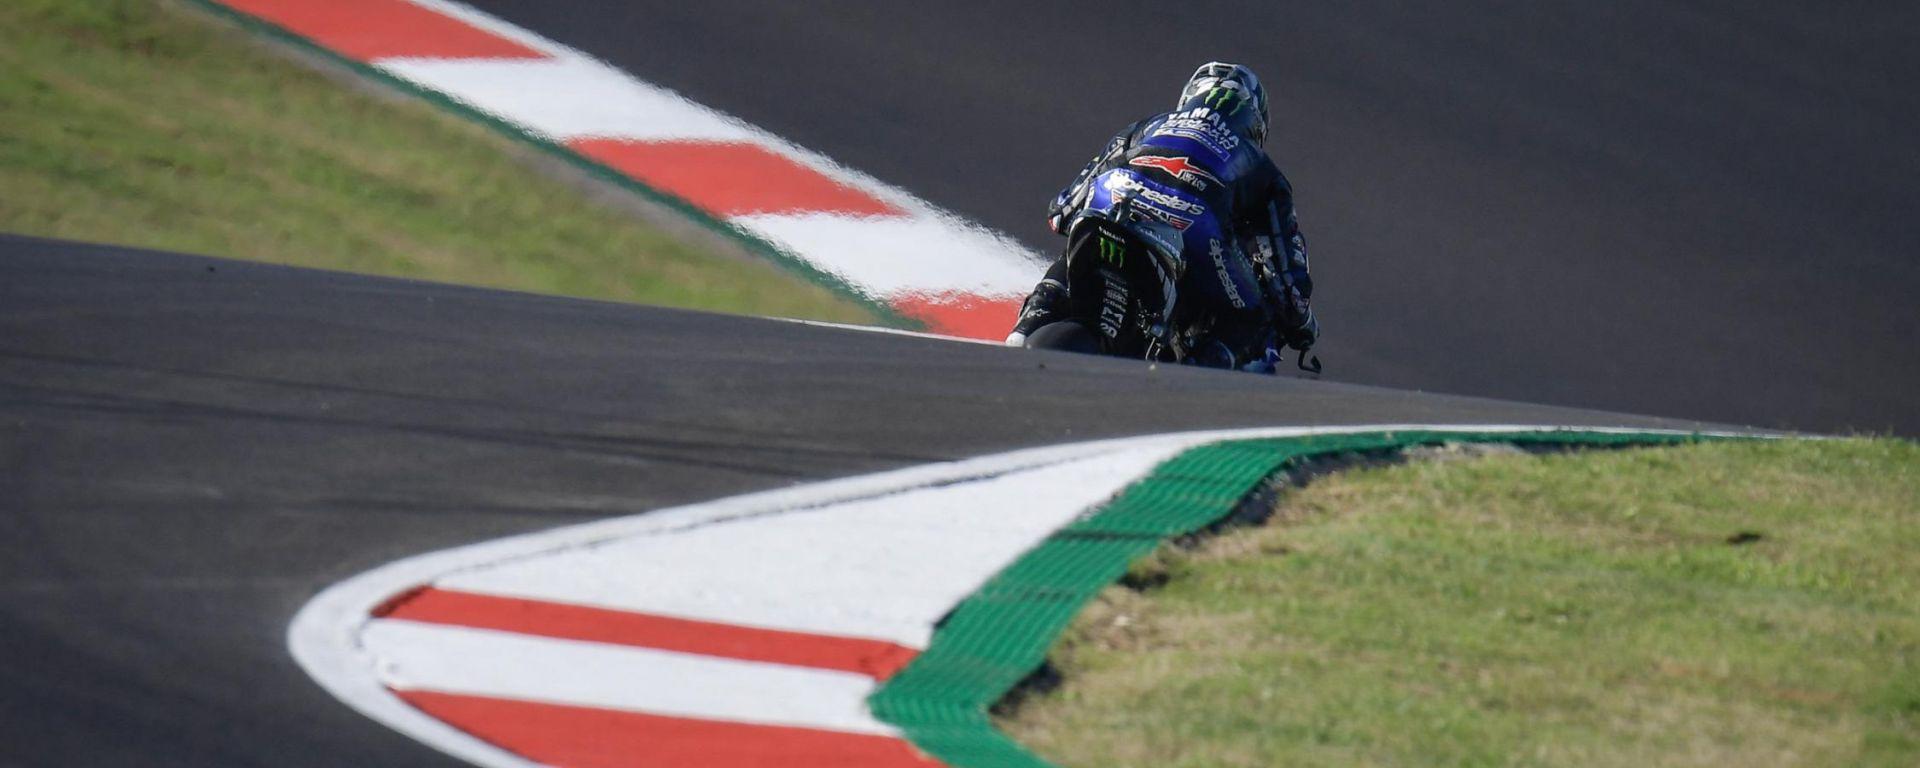 MotoGP Portogallo 2020, Maverick Vinales (Yamaha) impegnato sulla pista di Portimao